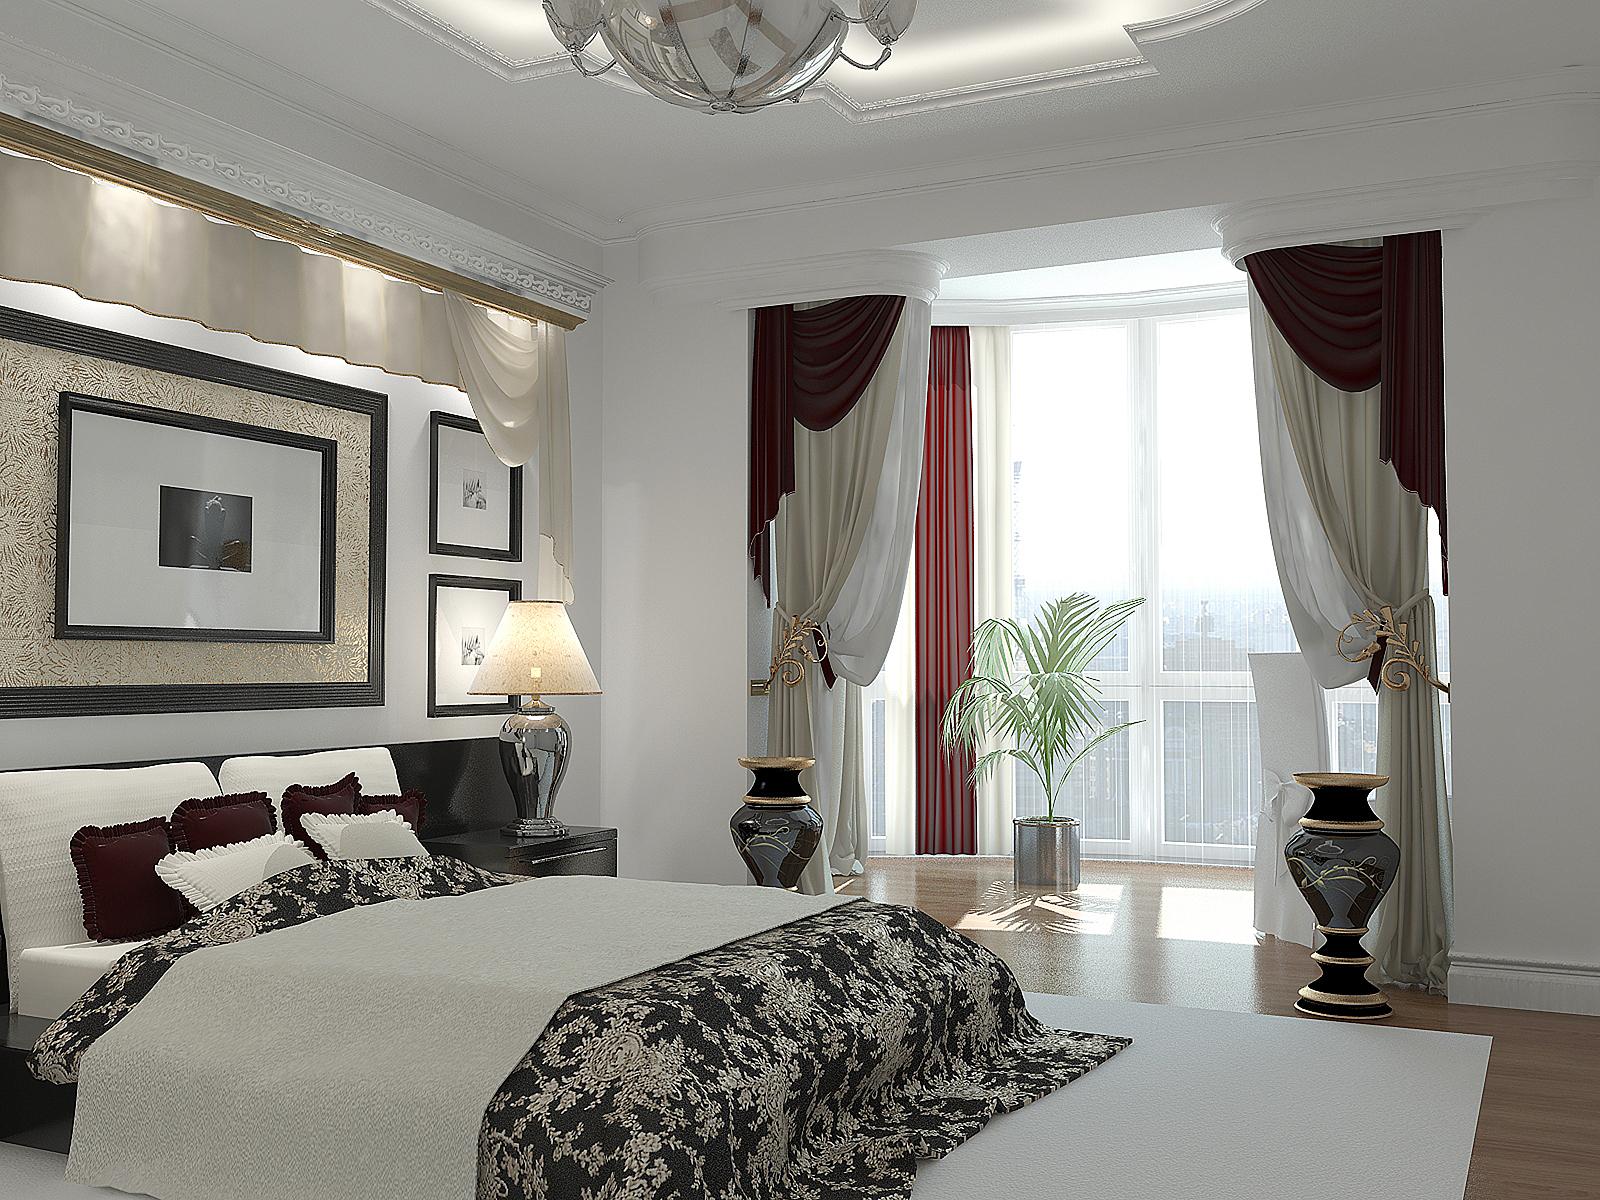 Дизайн комнаты 13 метров с балконом